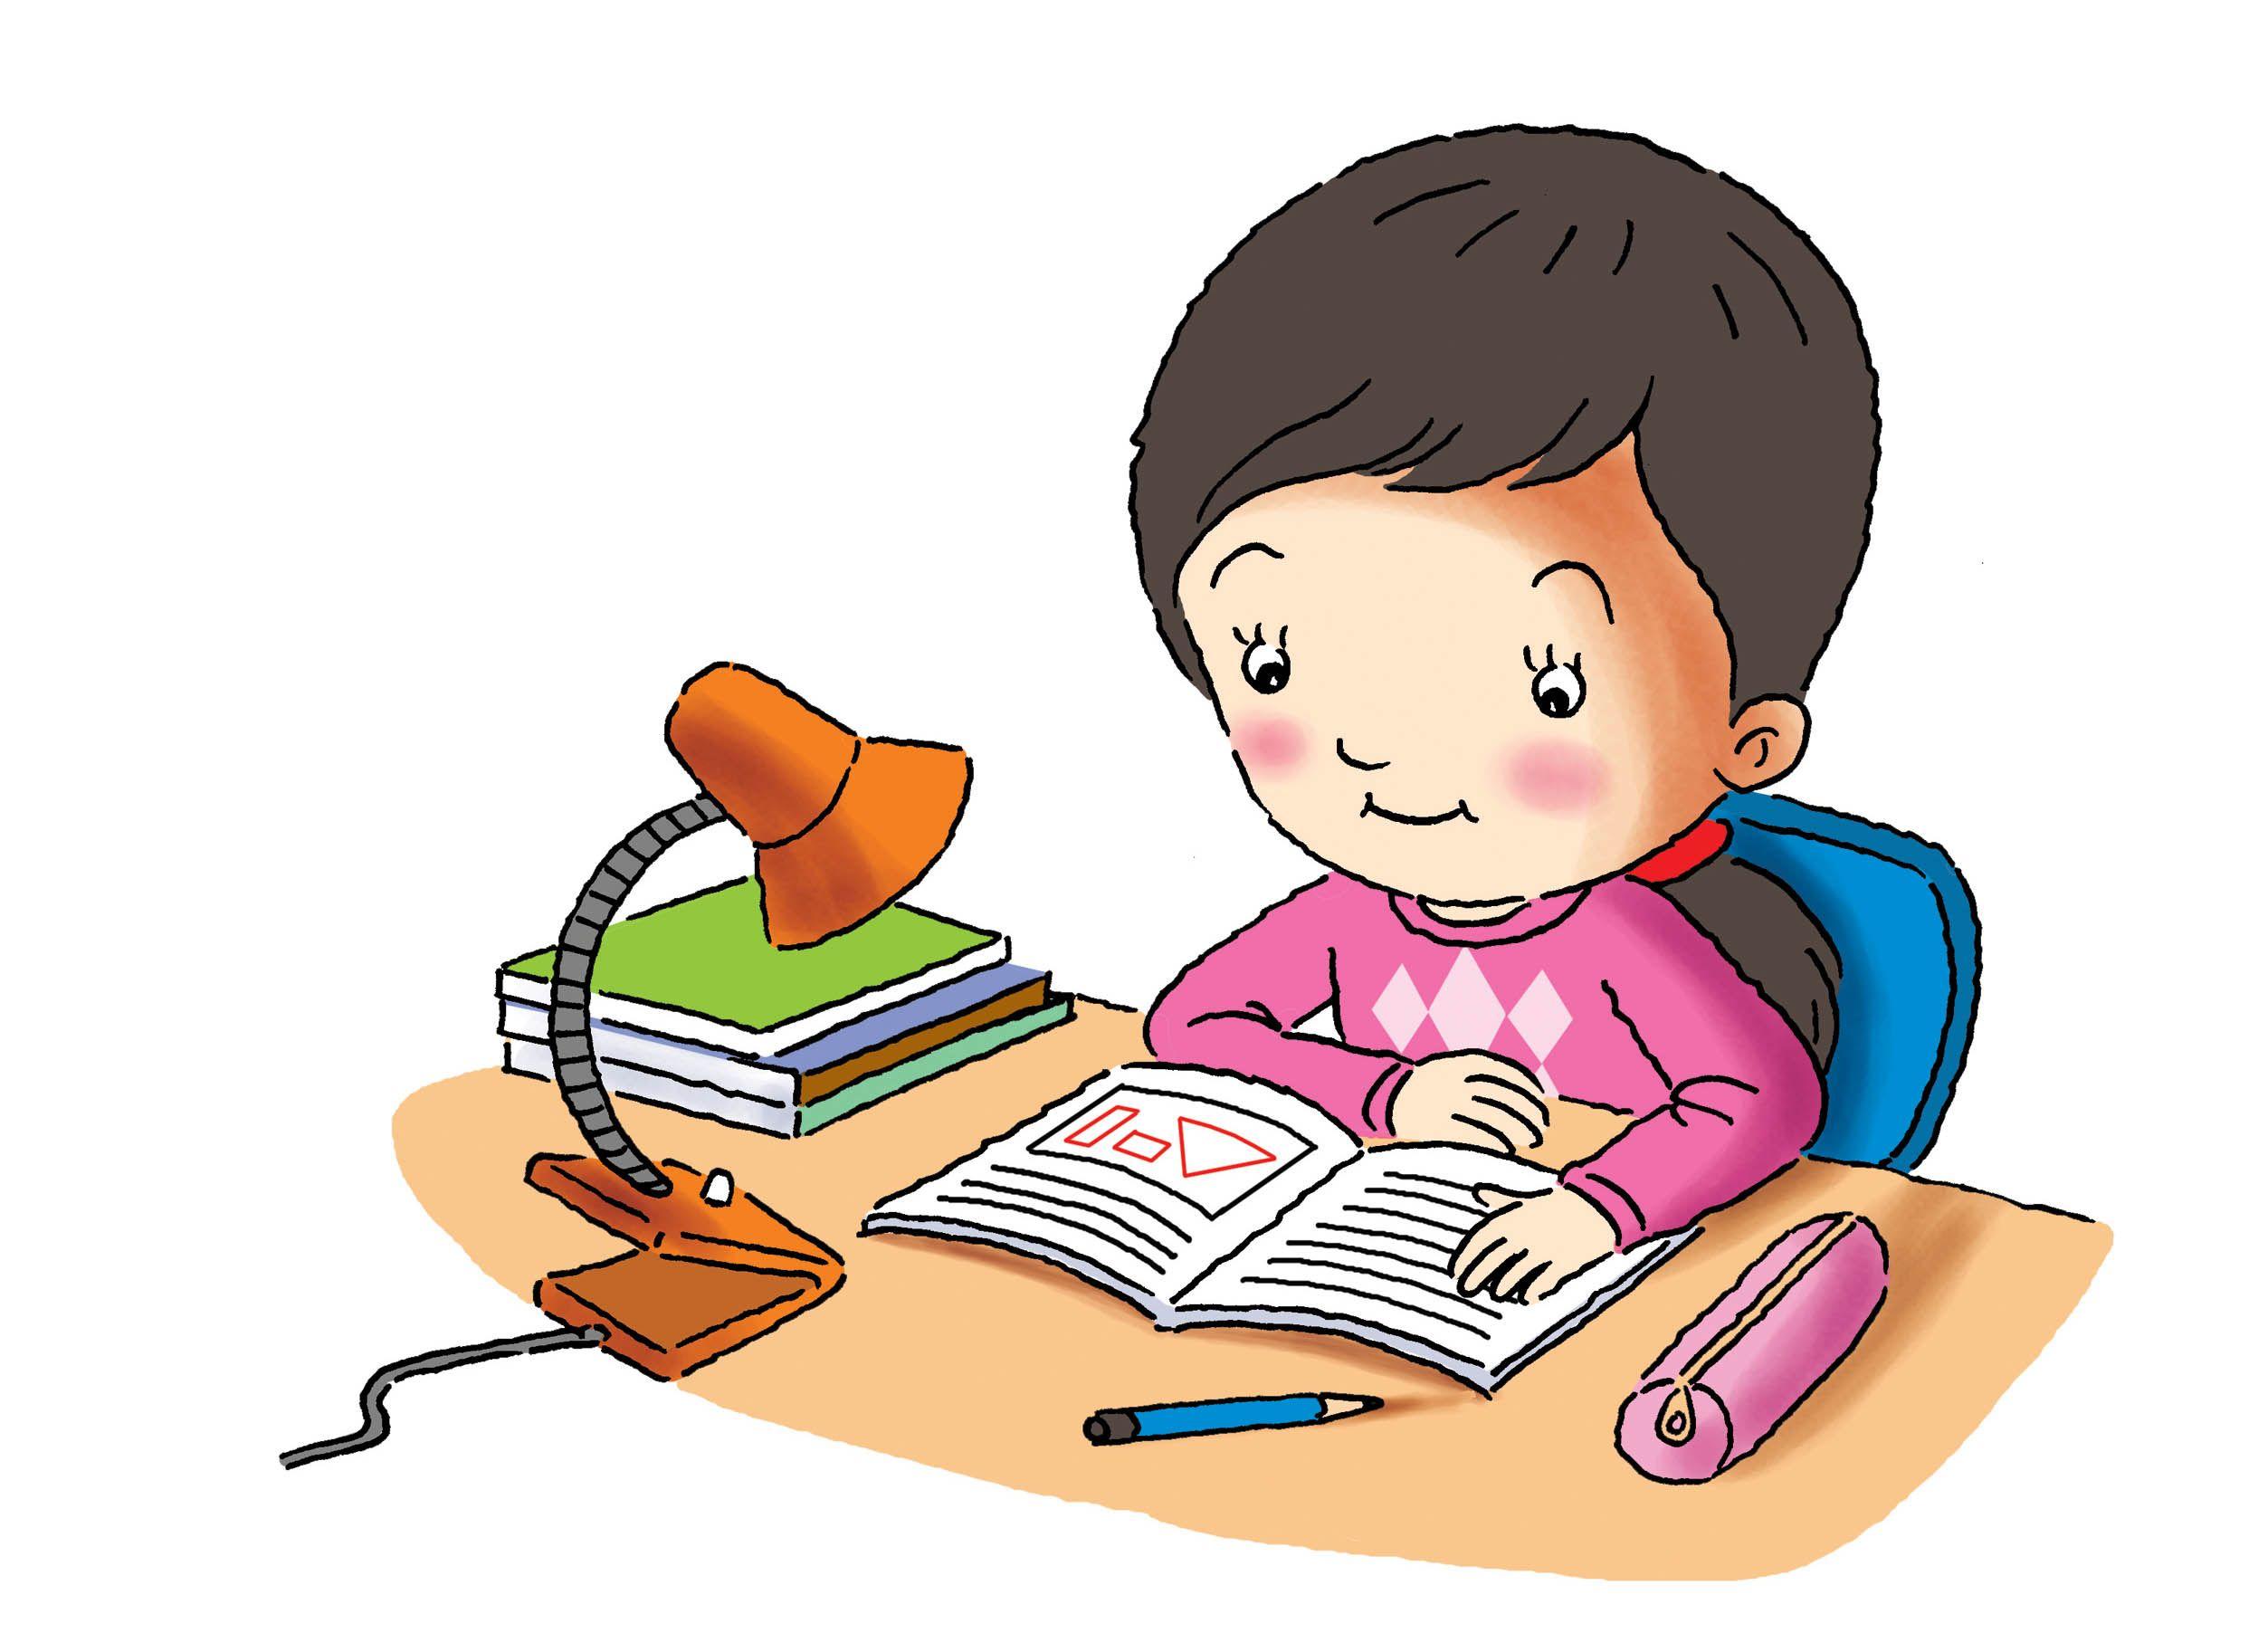 E-Learning Dilakukan untuk Mendukung Proses Belajar di Rumah, Coba Berbagai  Aplikasi Ini, yuk! - Semua Halaman - Bobo